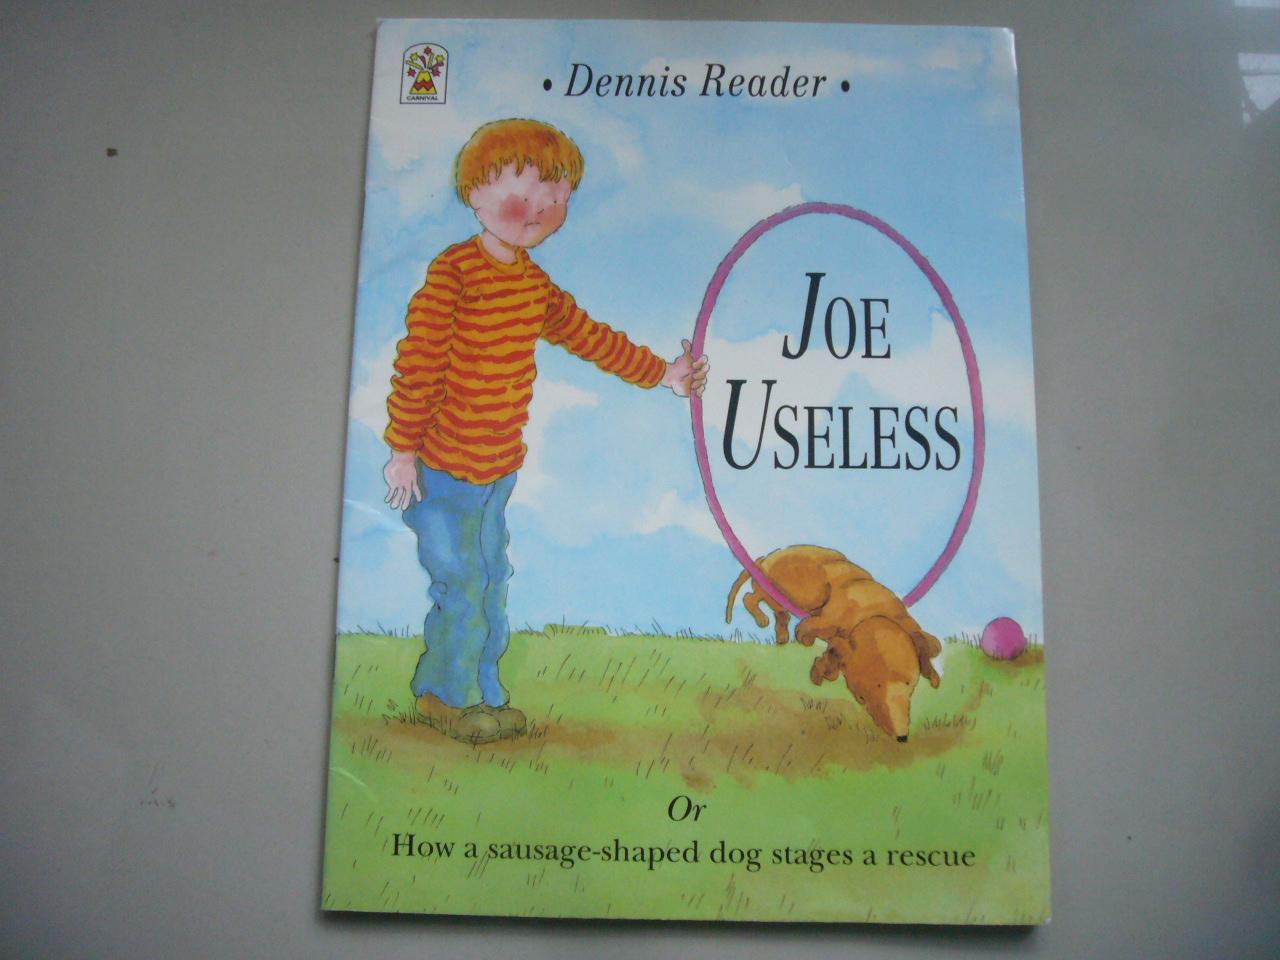 Joe Useless